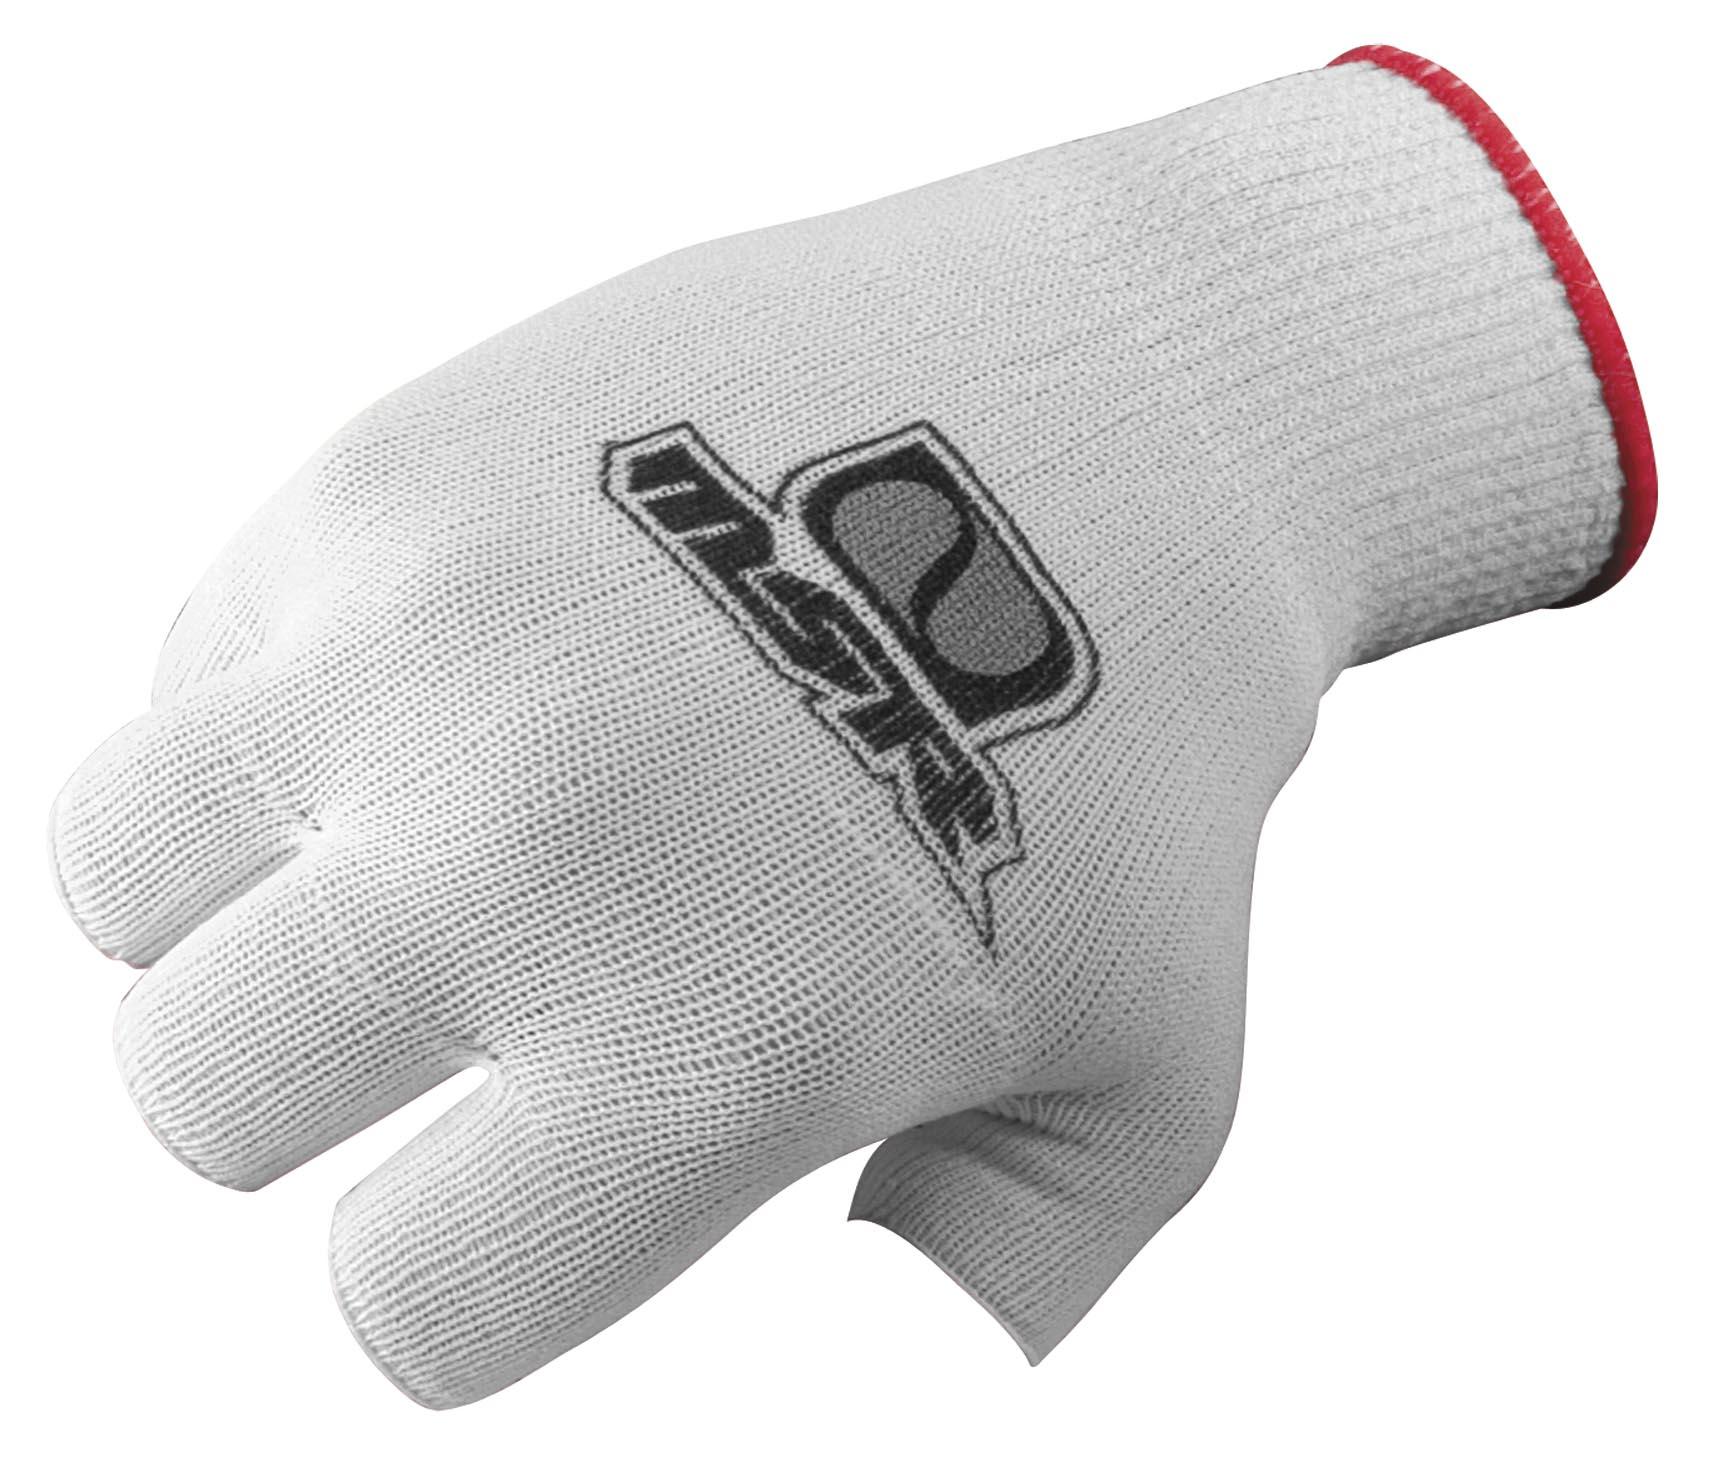 Glove Liner - Half Finger